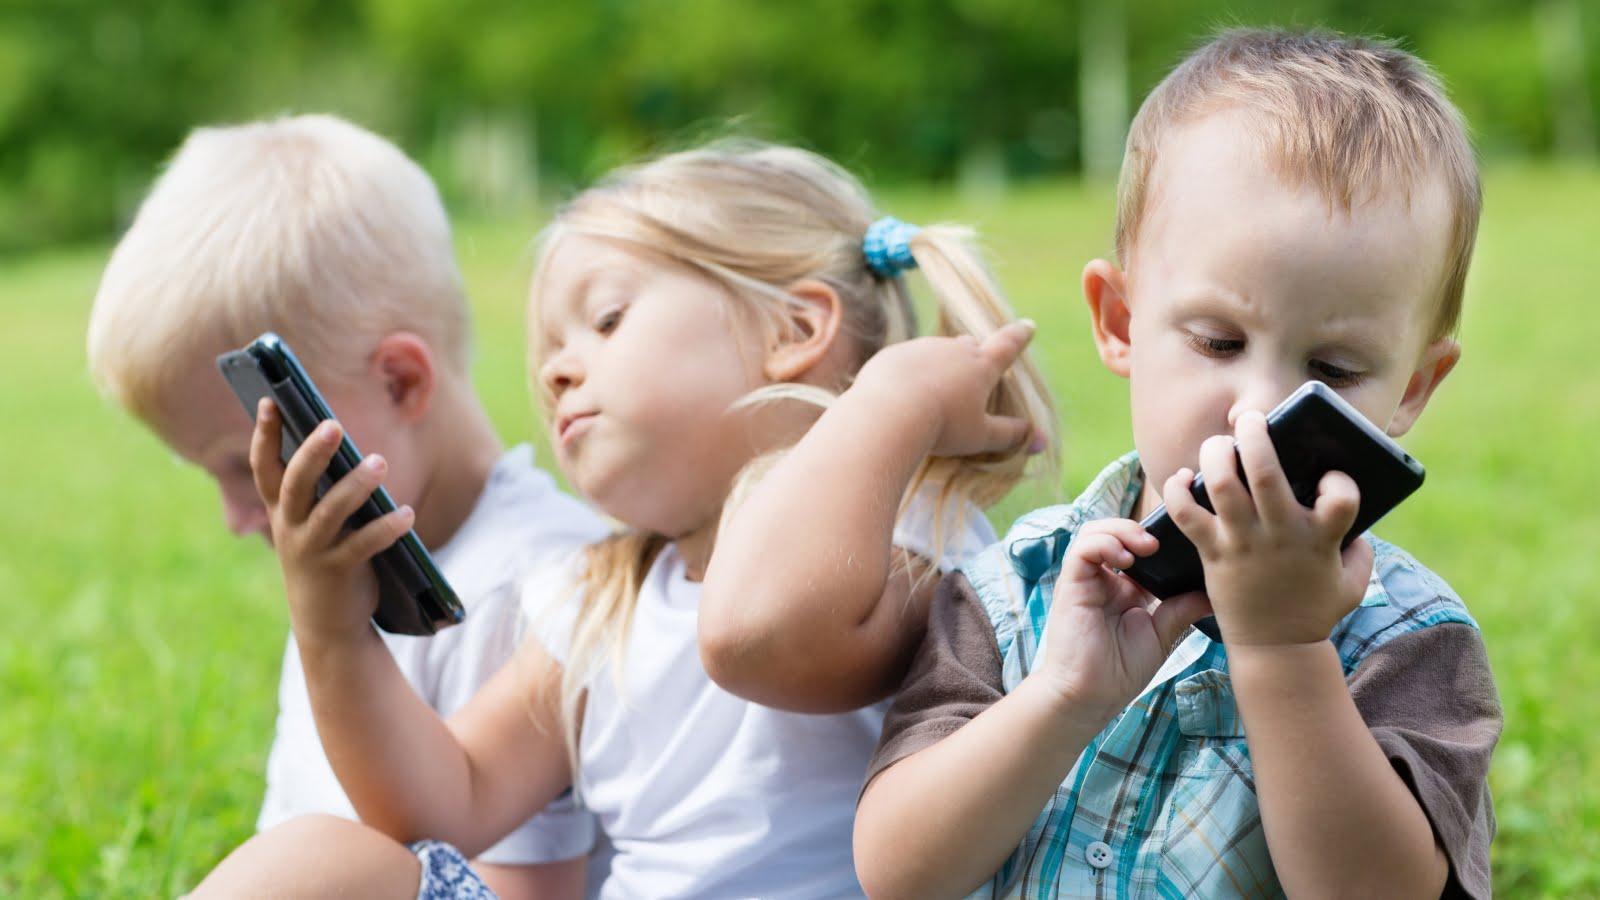 Dales Más Música: Los nuevos niños son Idiotas gracias a la Technología?